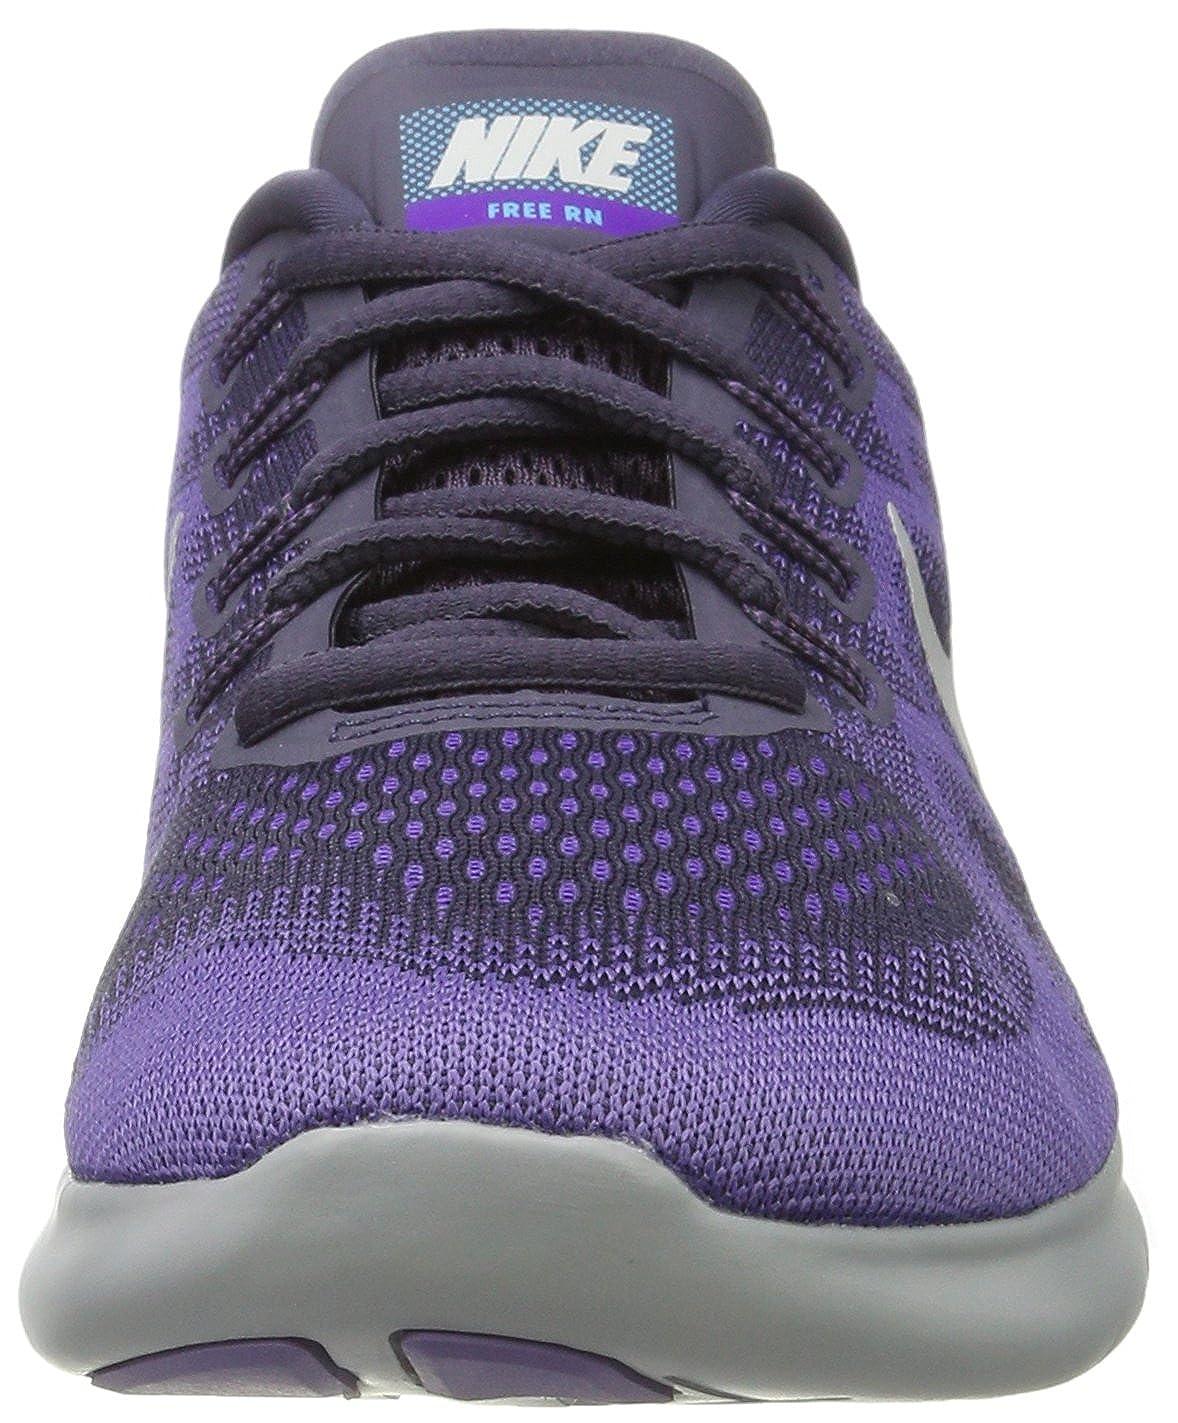 Zapatillas de 19955 running Nike Dark FreeRN 2017 para mujer Dark